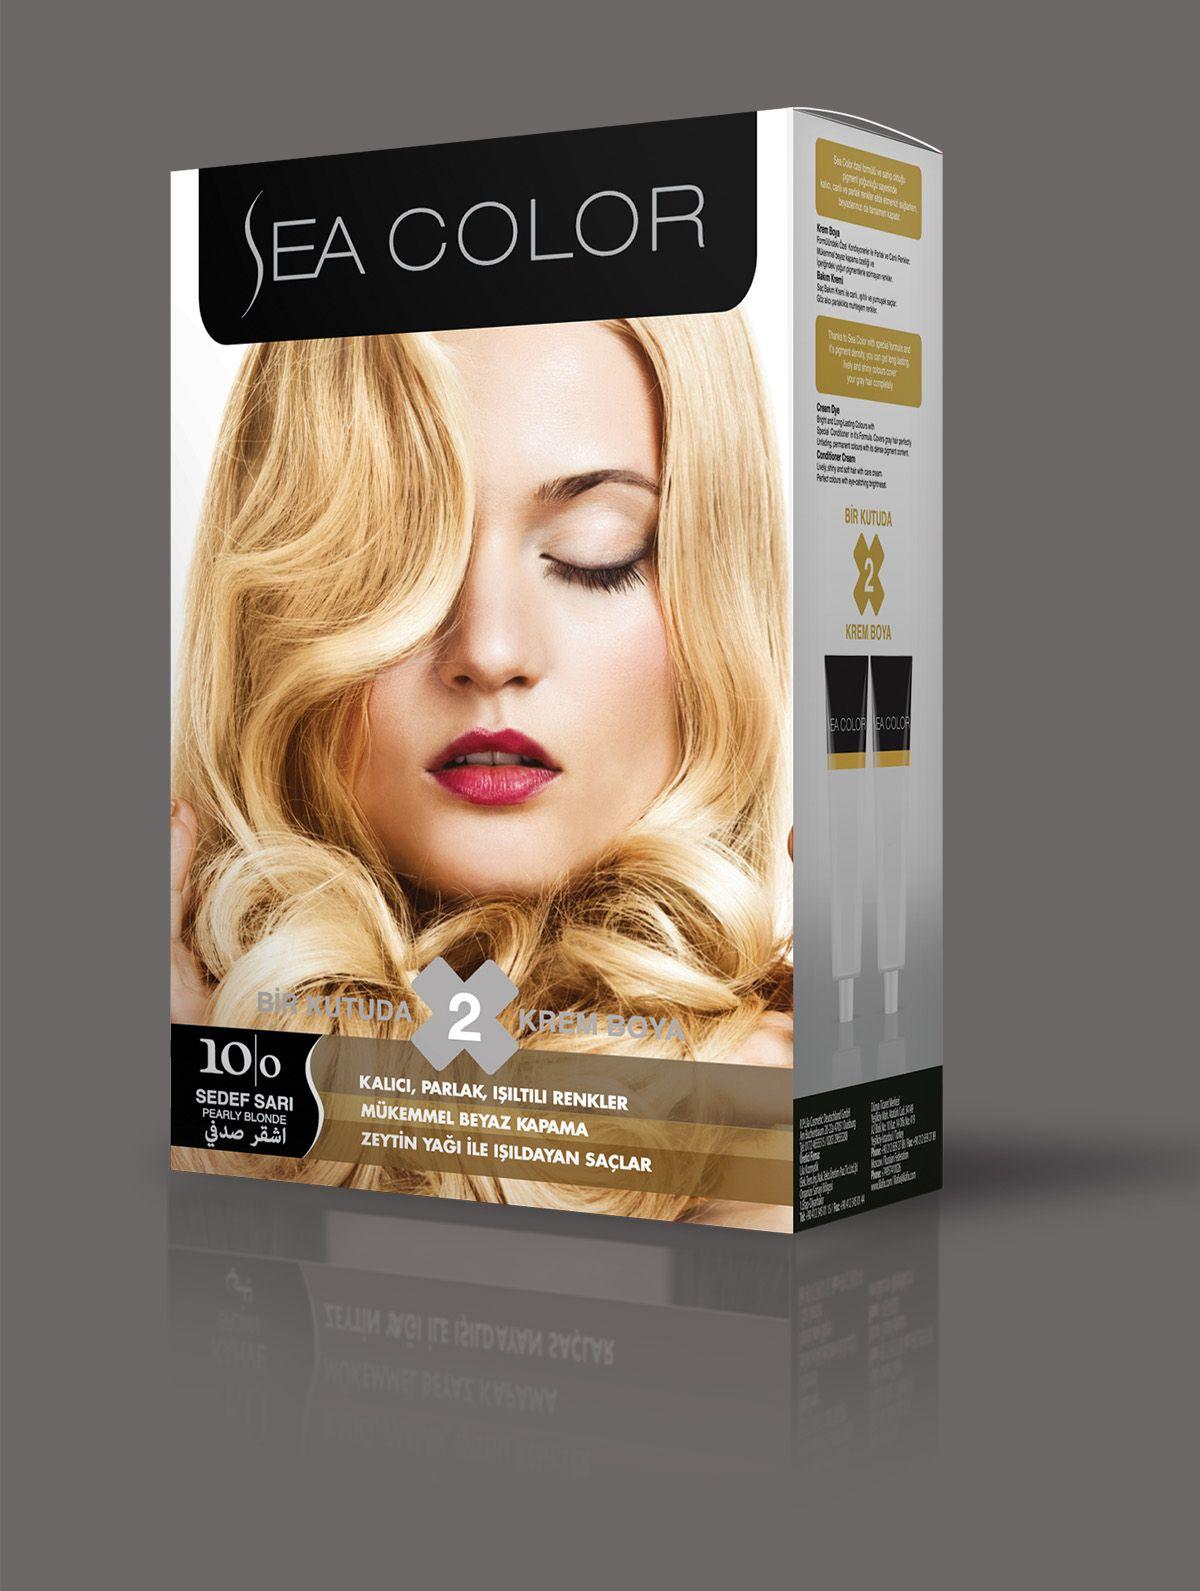 Sea Color Sac Boyasi 10 0 Sedef Sari 2020 Renkler Sac Boyasi